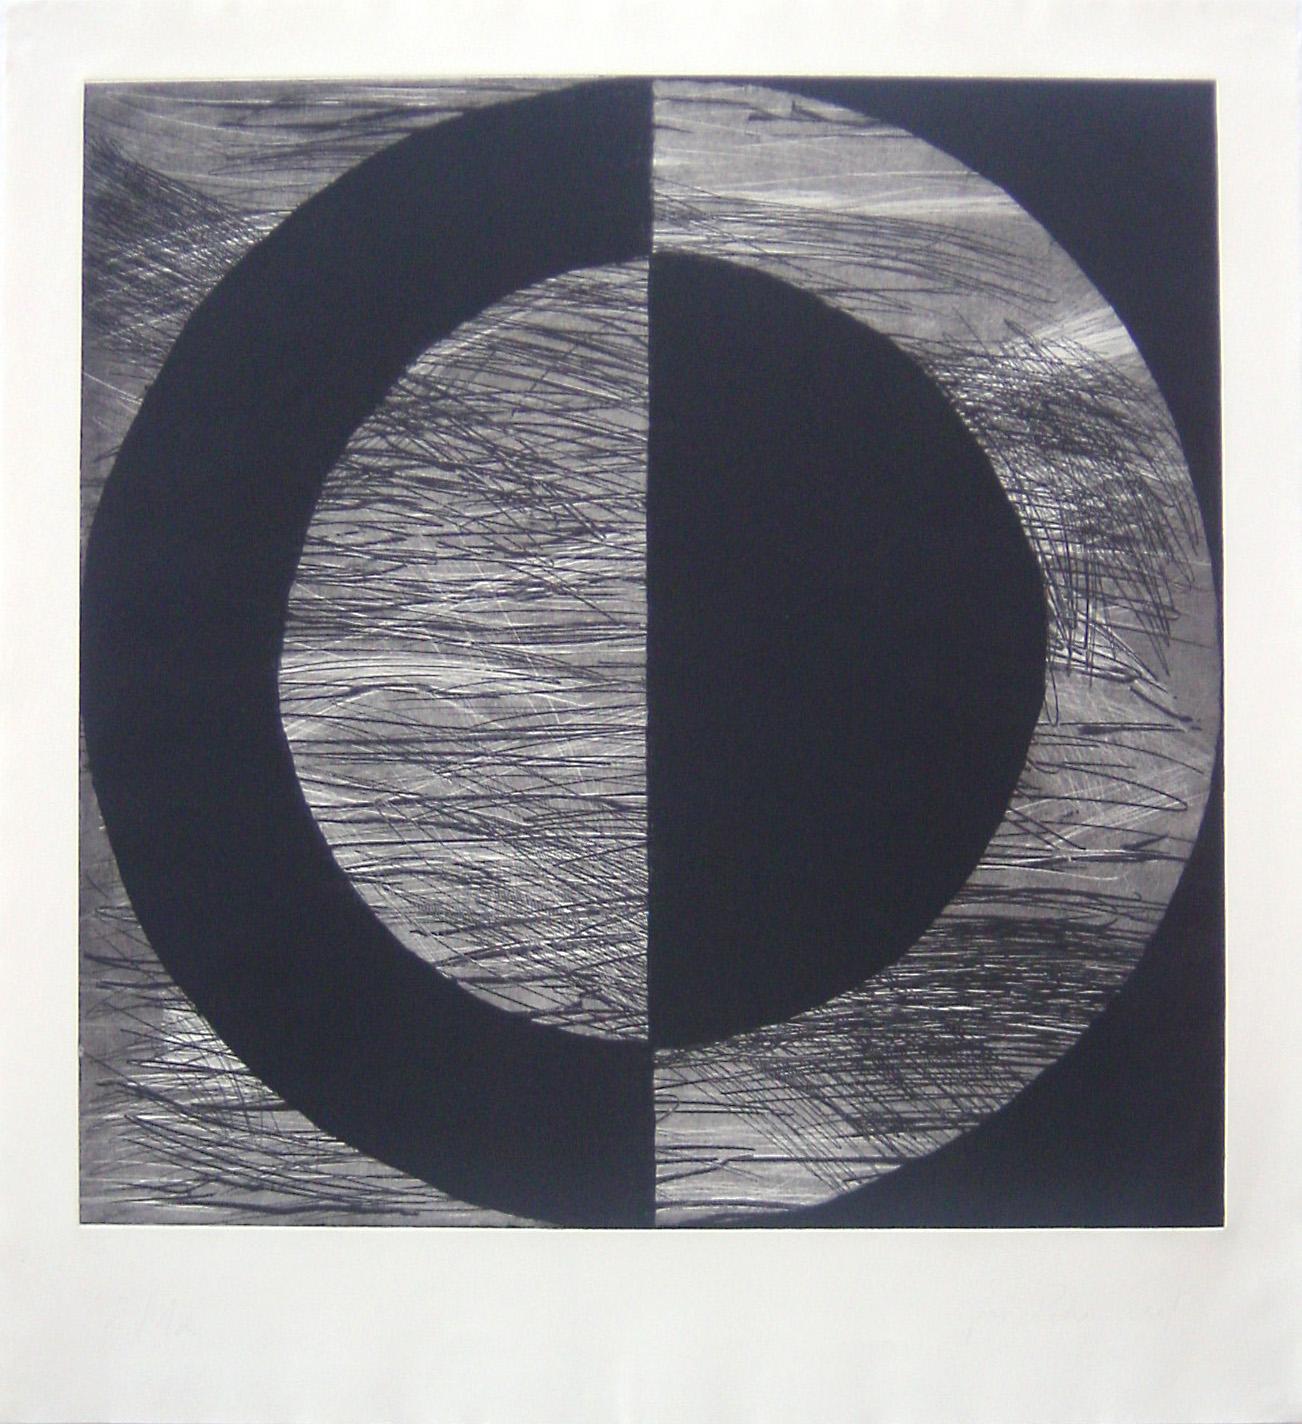 S/T, (ed.12), 1997, aguafuerte, 124 x 112,5 cm.